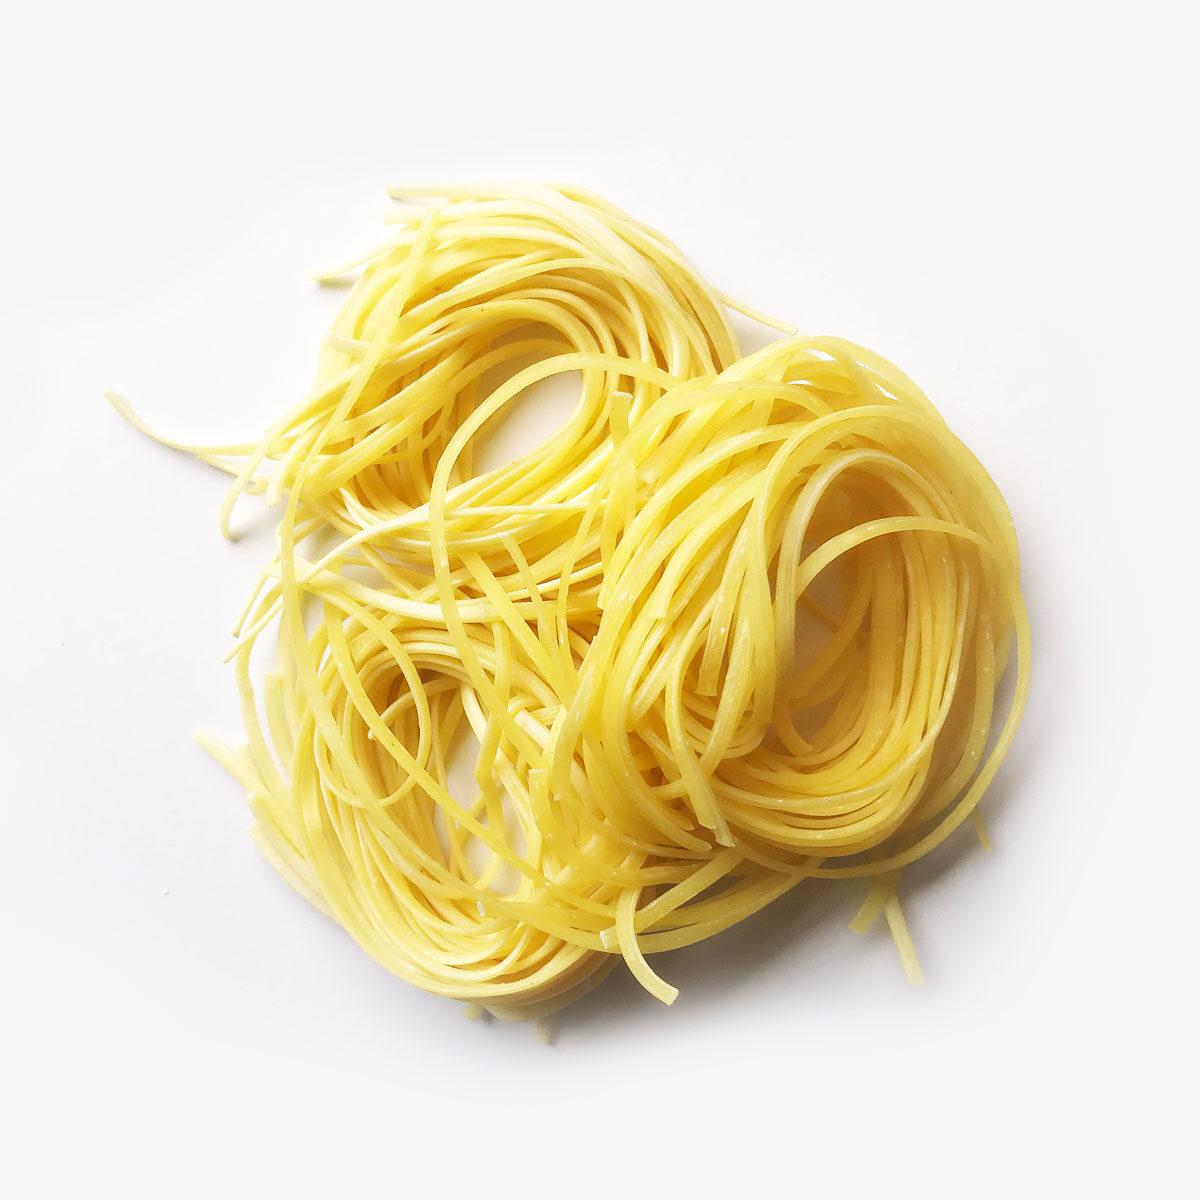 F626-TAGLIATELLA-TEFLON_pasta